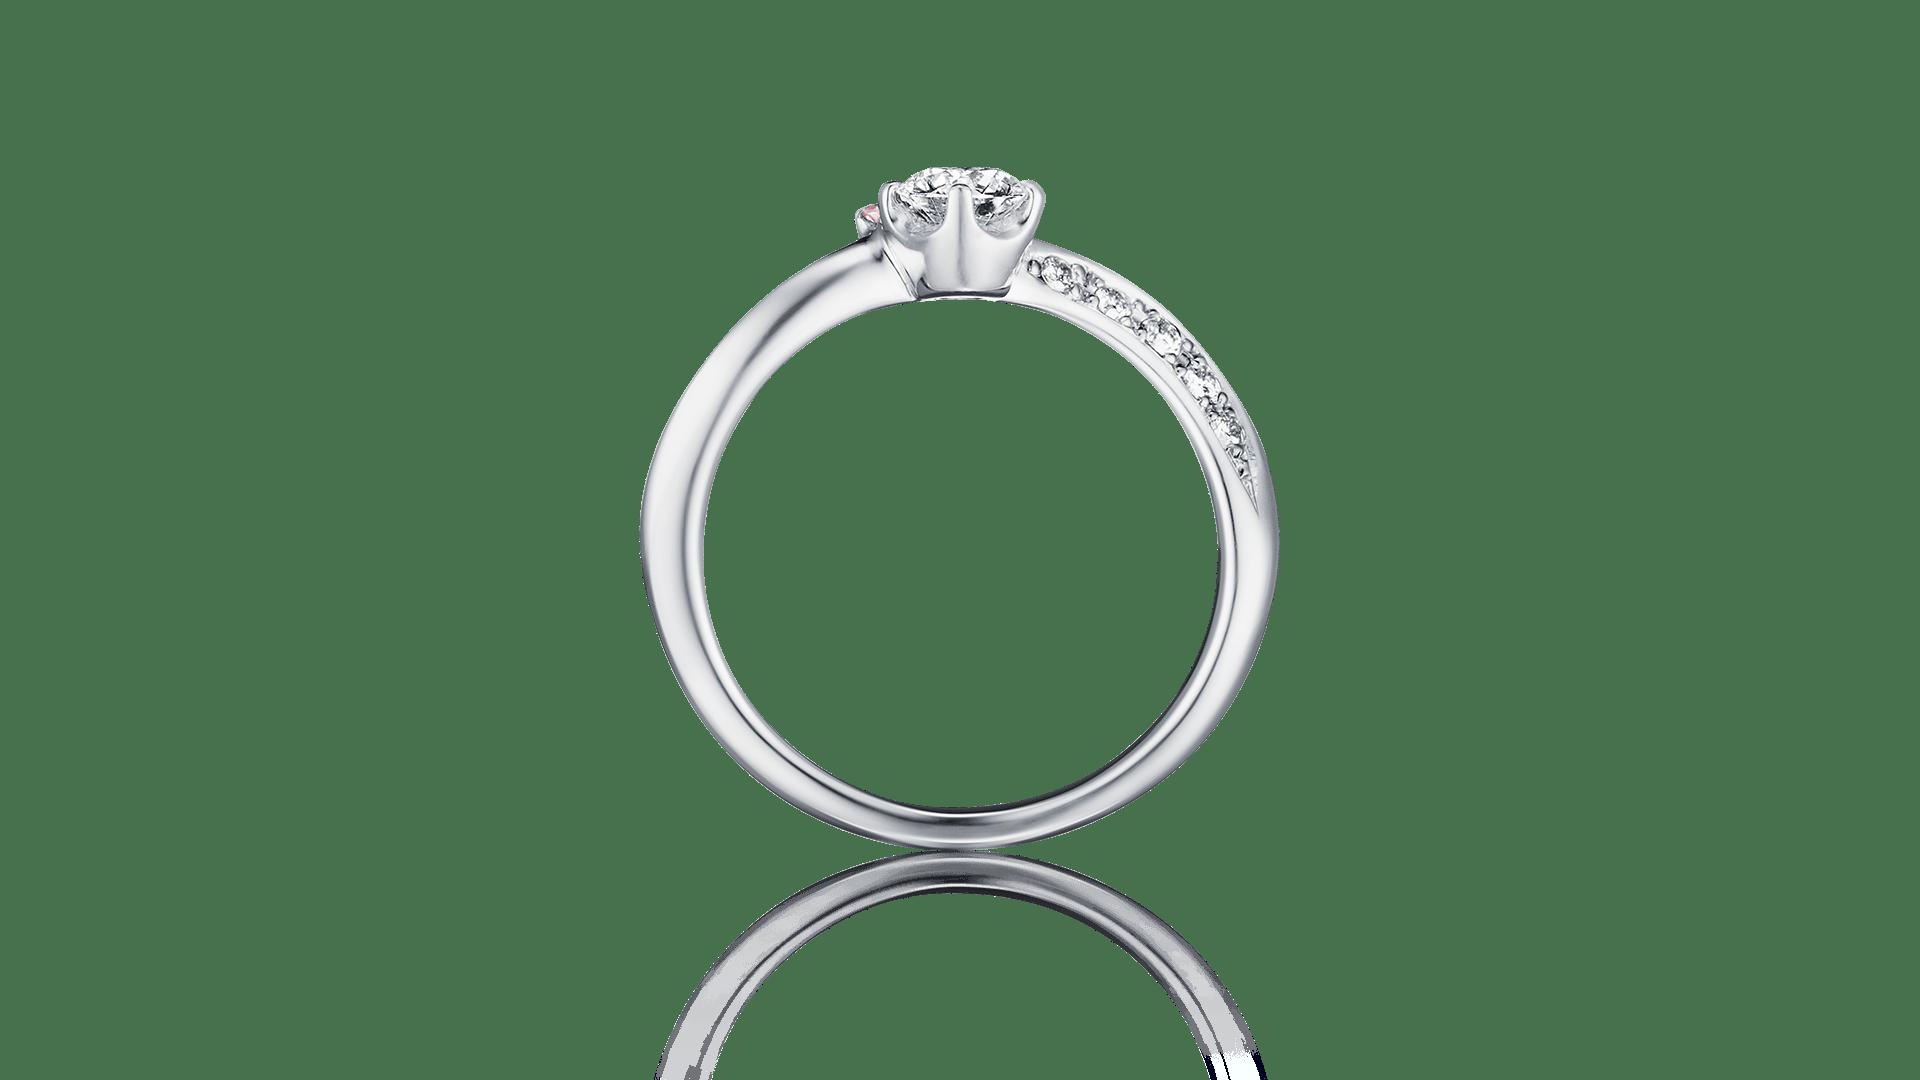 gemini ジェミニ | 婚約指輪サムネイル 2